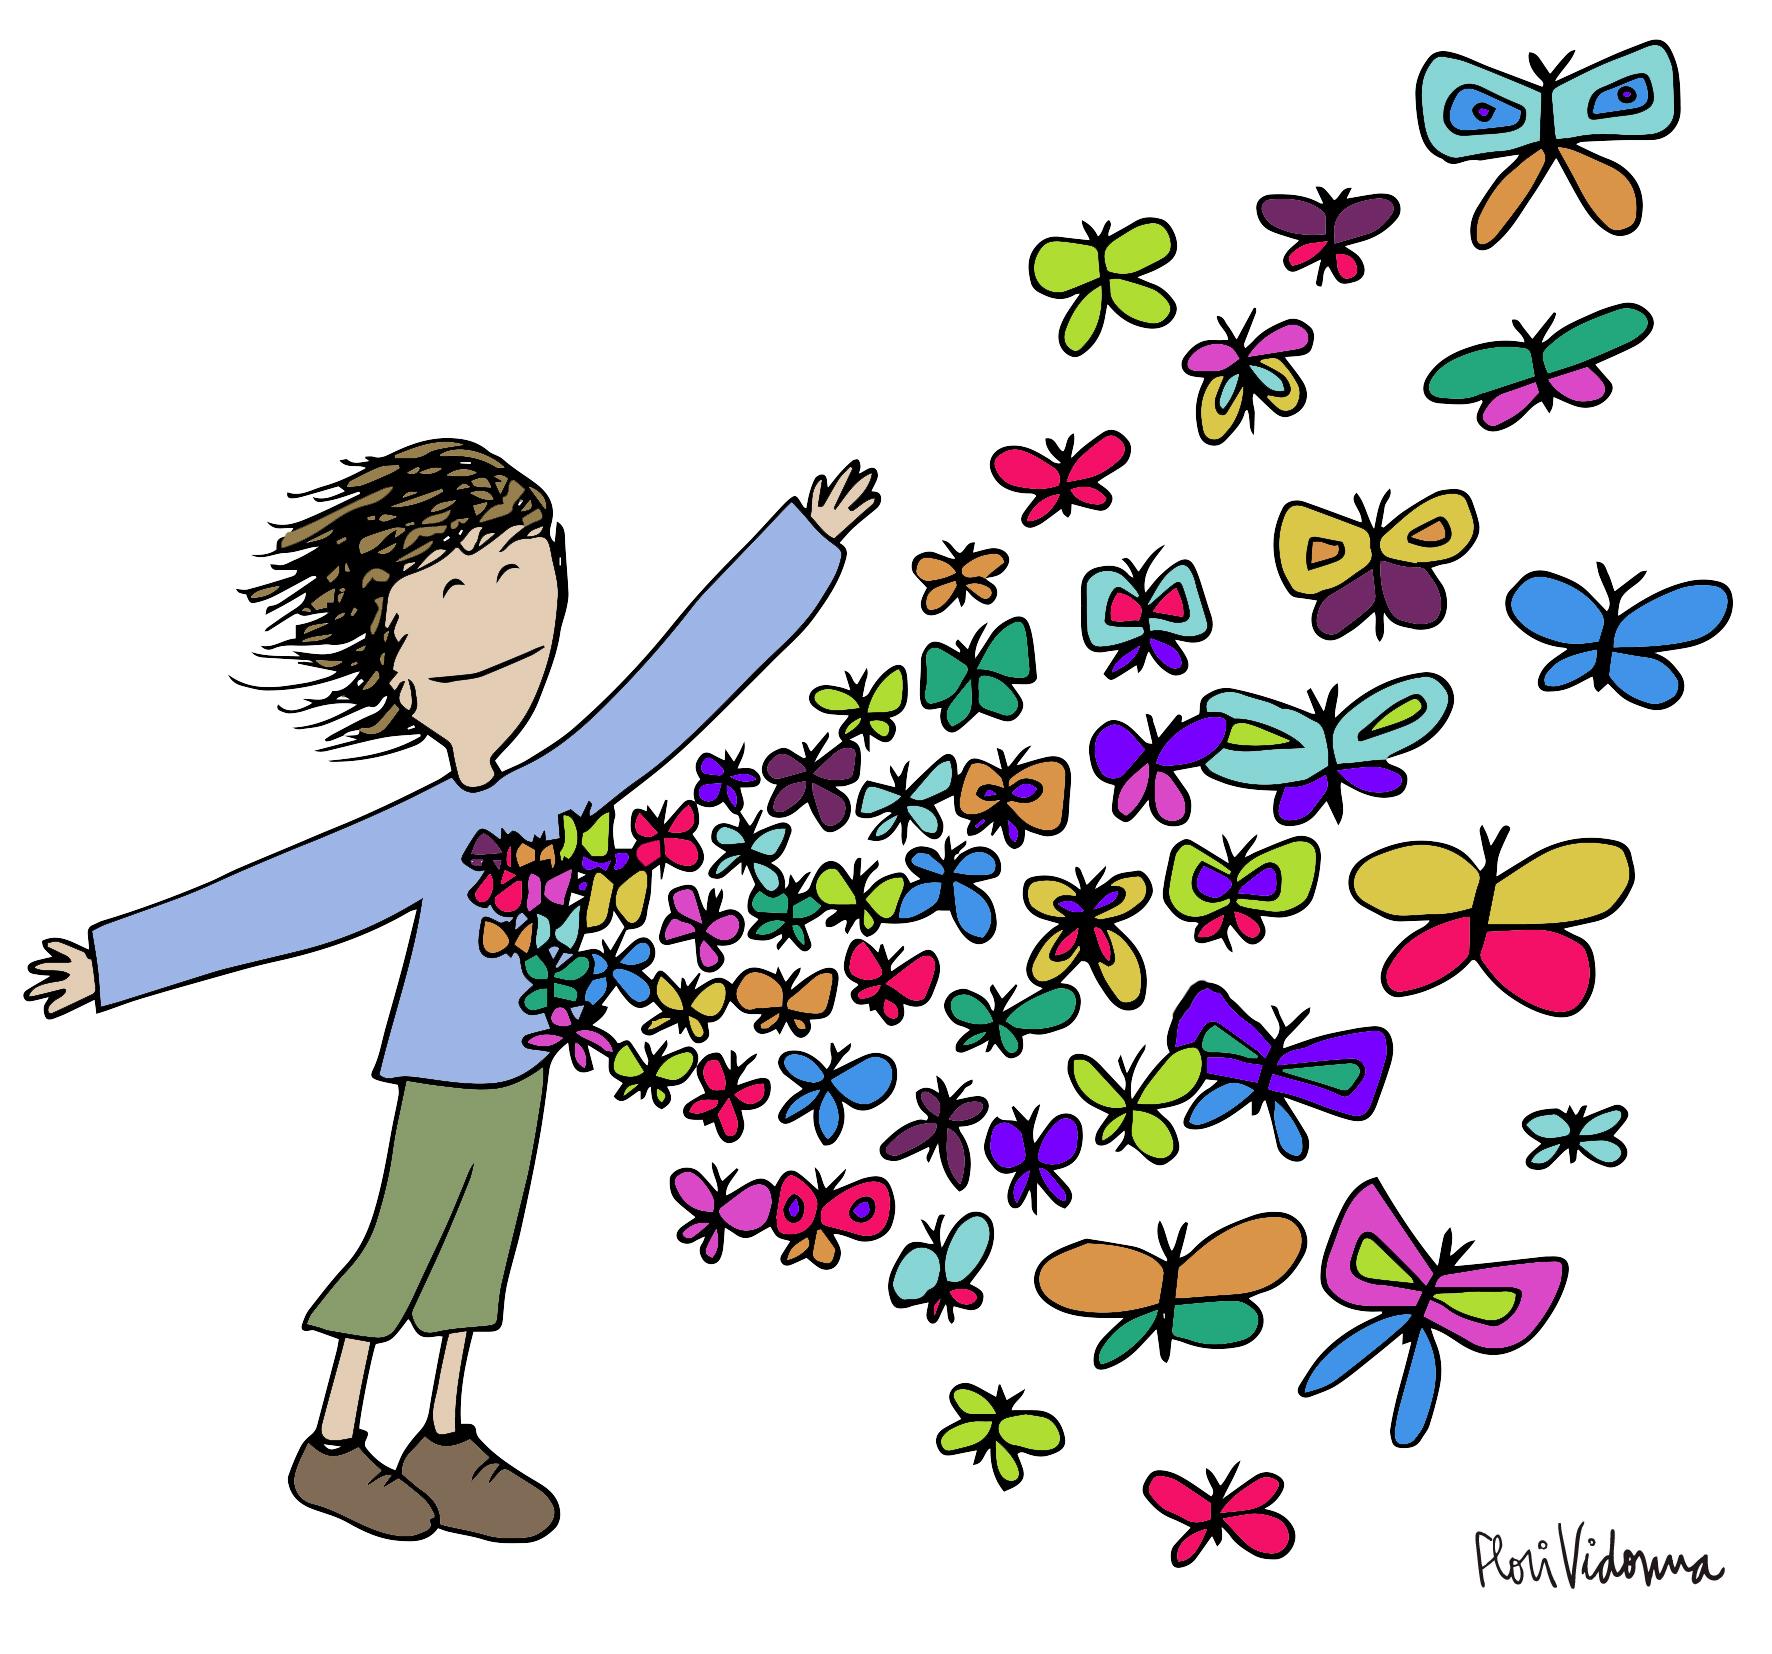 Me vuelan mariposas